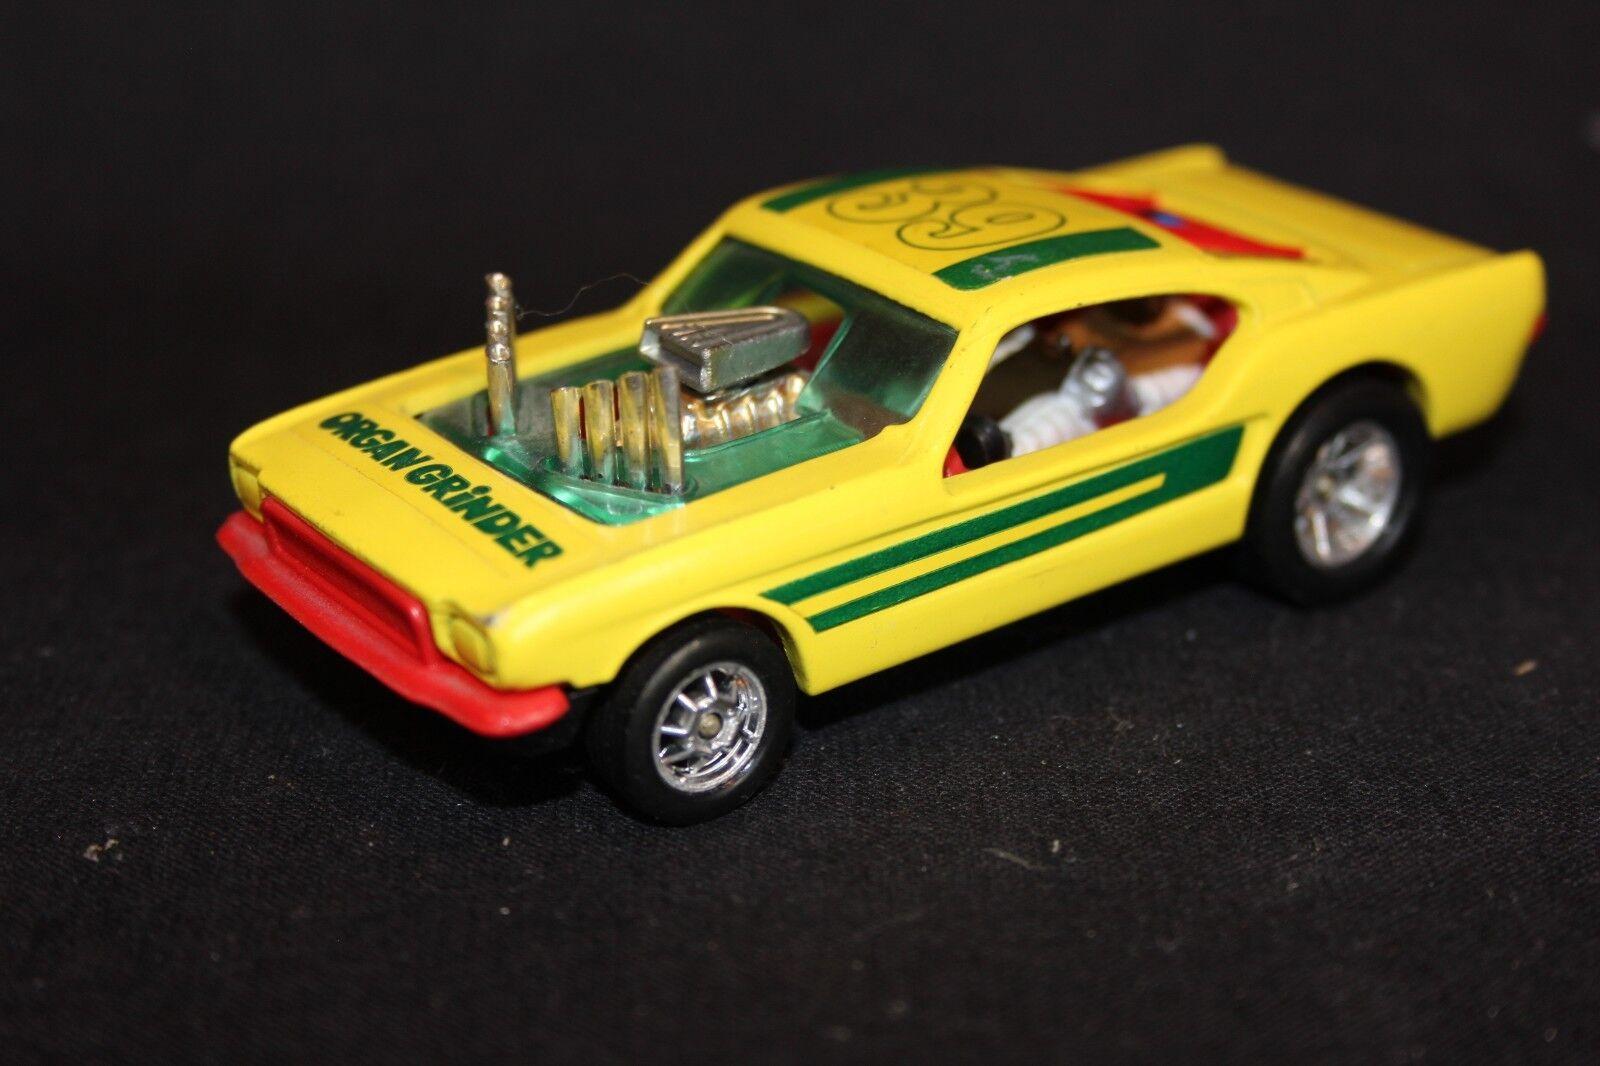 el mas reciente Corgi Juguetes Ford Mustang Dragster  Organ Grinder  1 1 1 43  39  estar en gran demanda